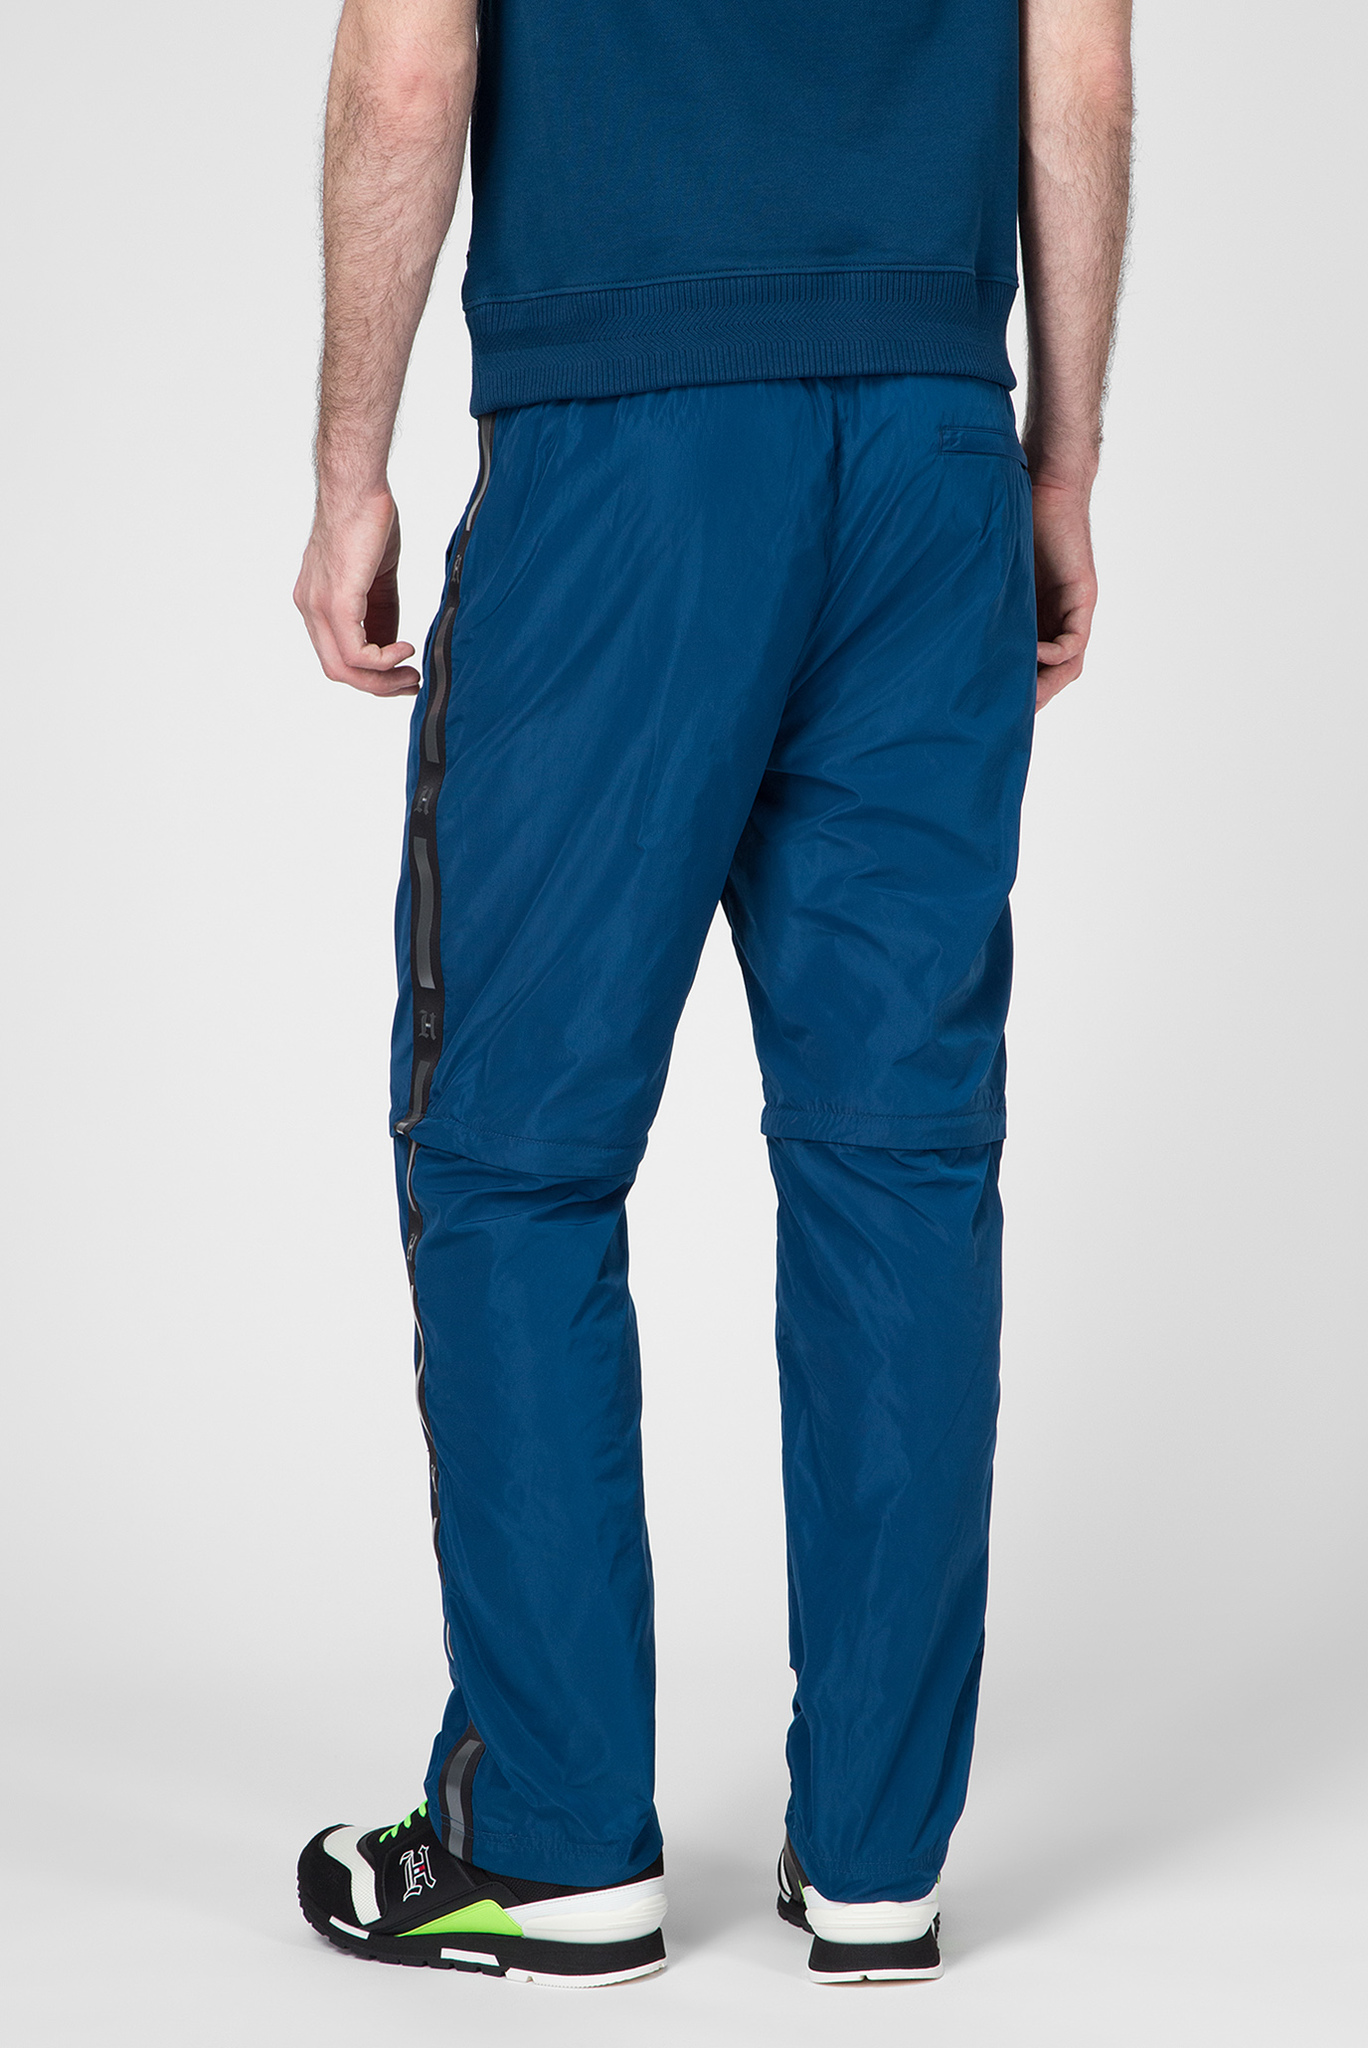 Мужские синие спортивные брюки 2 в 1 Tommy Hilfiger